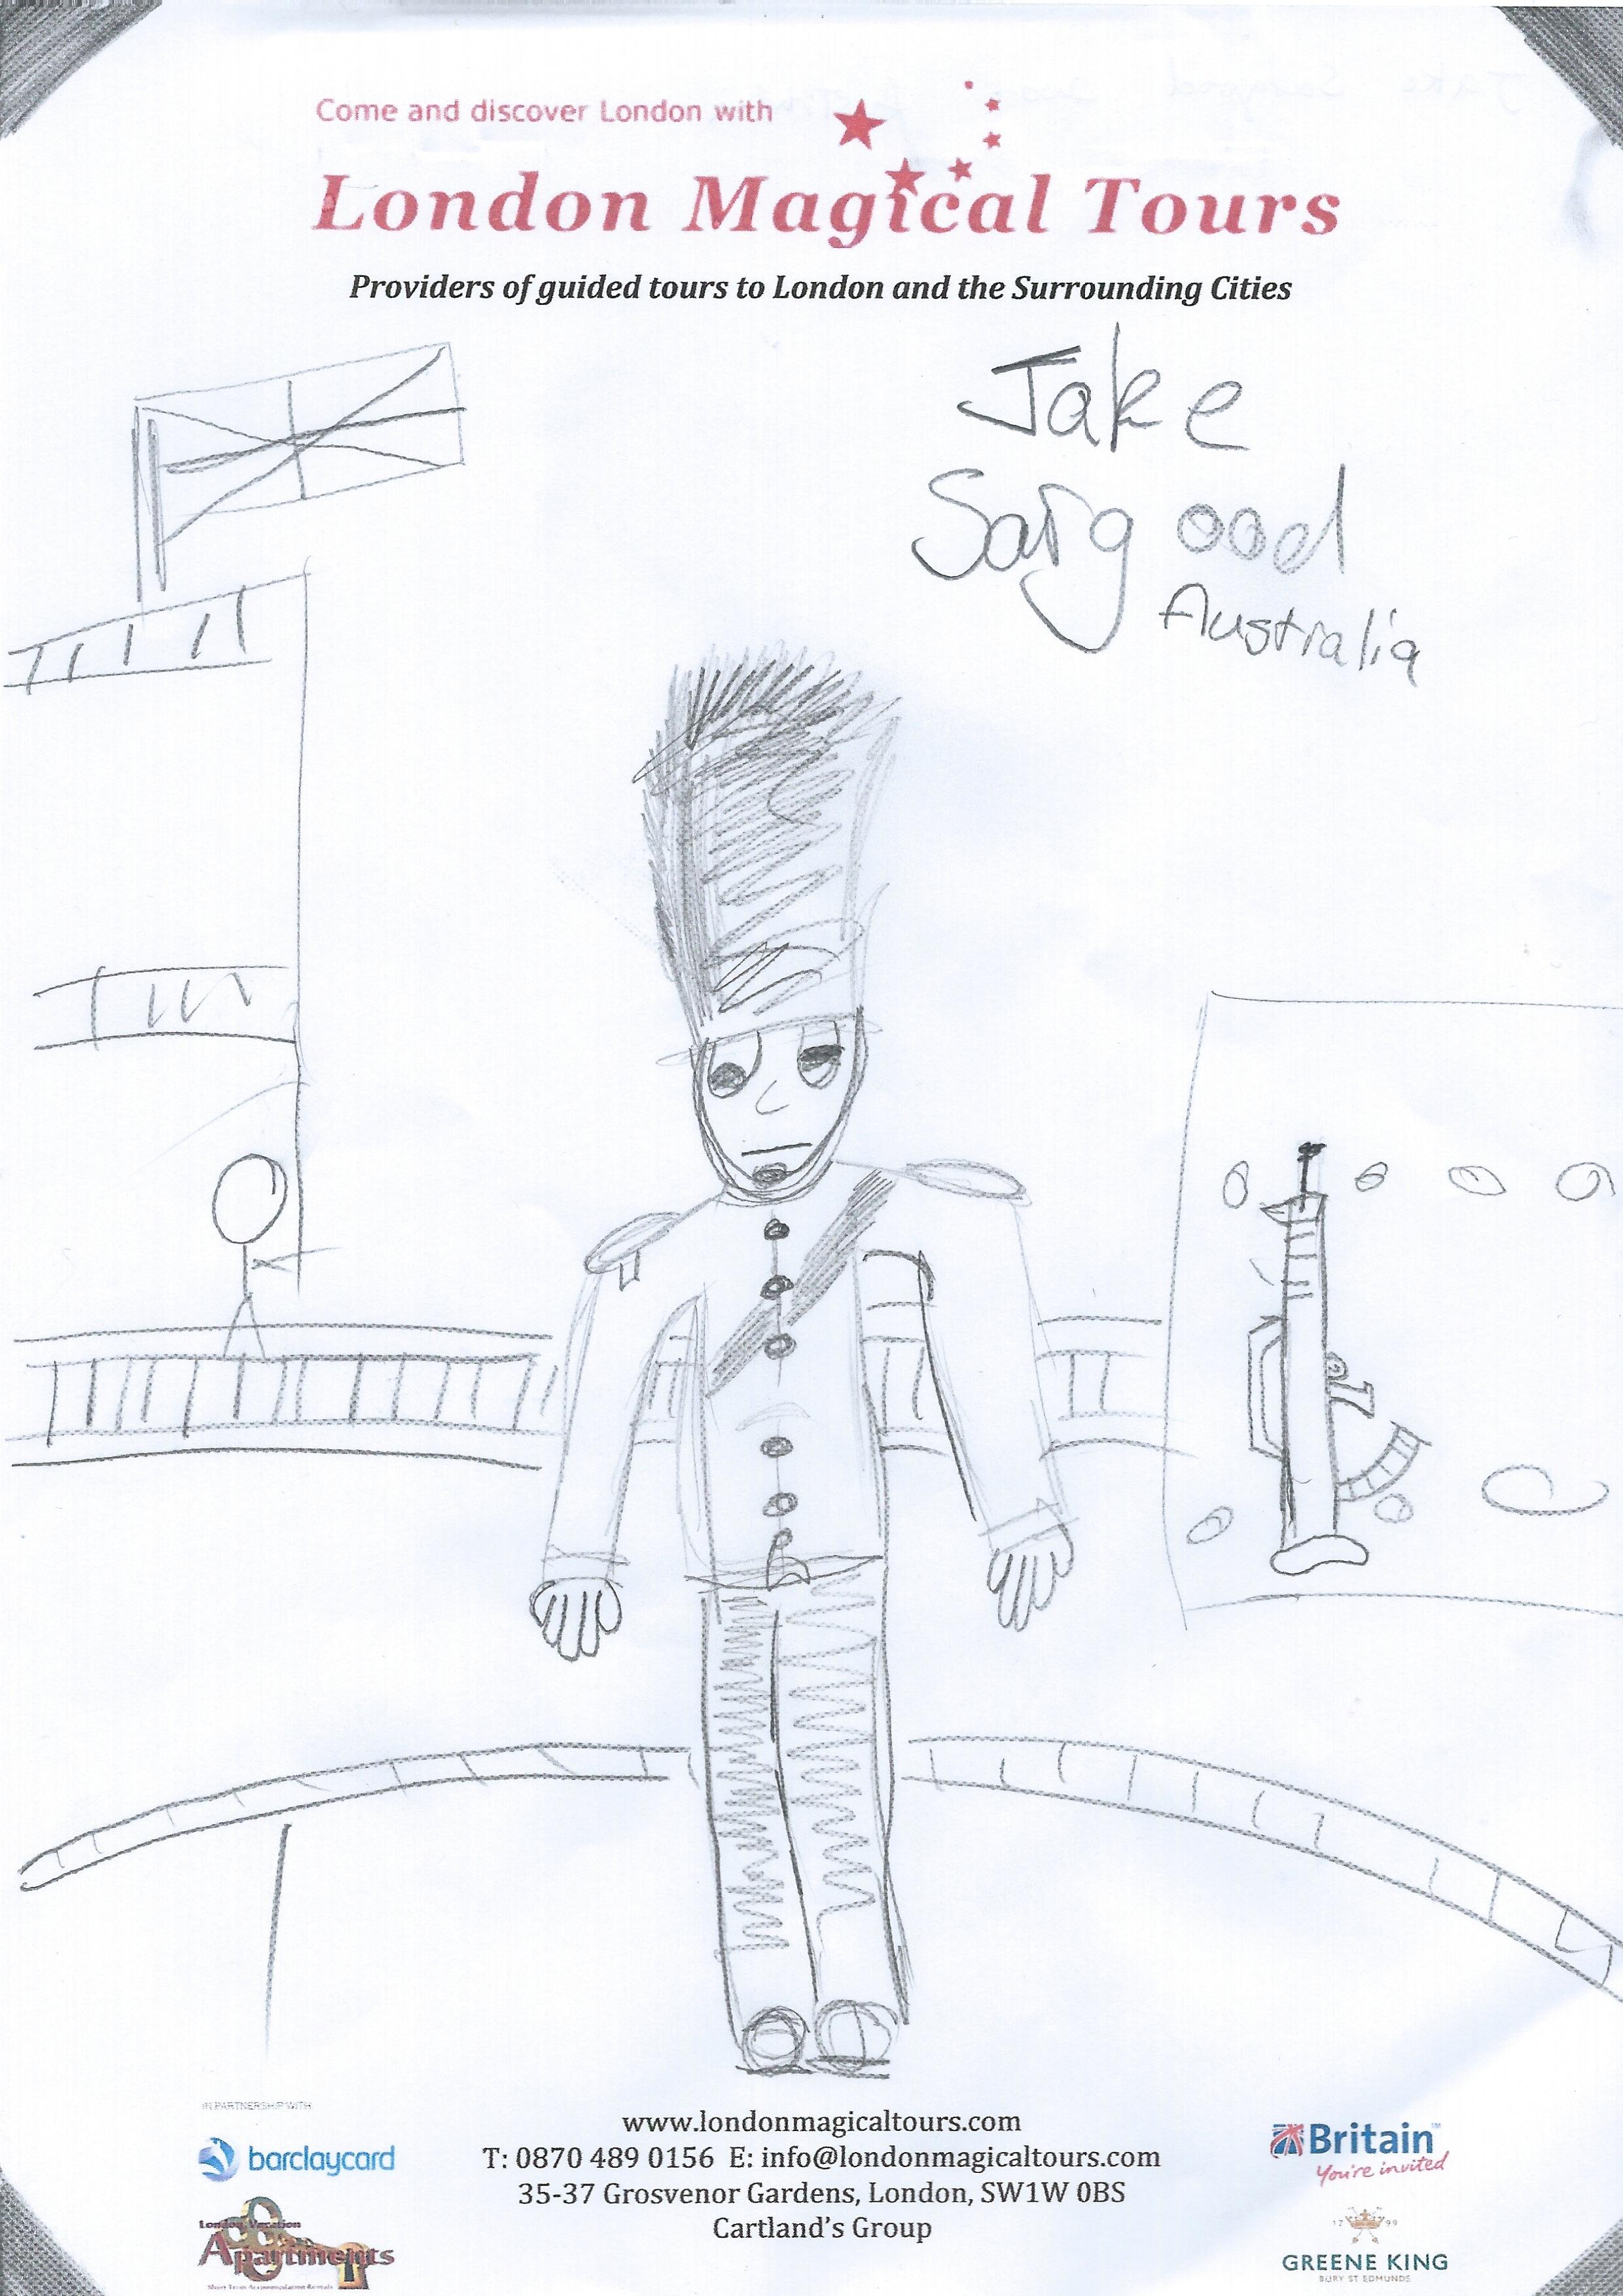 Jake Sargood Drawing